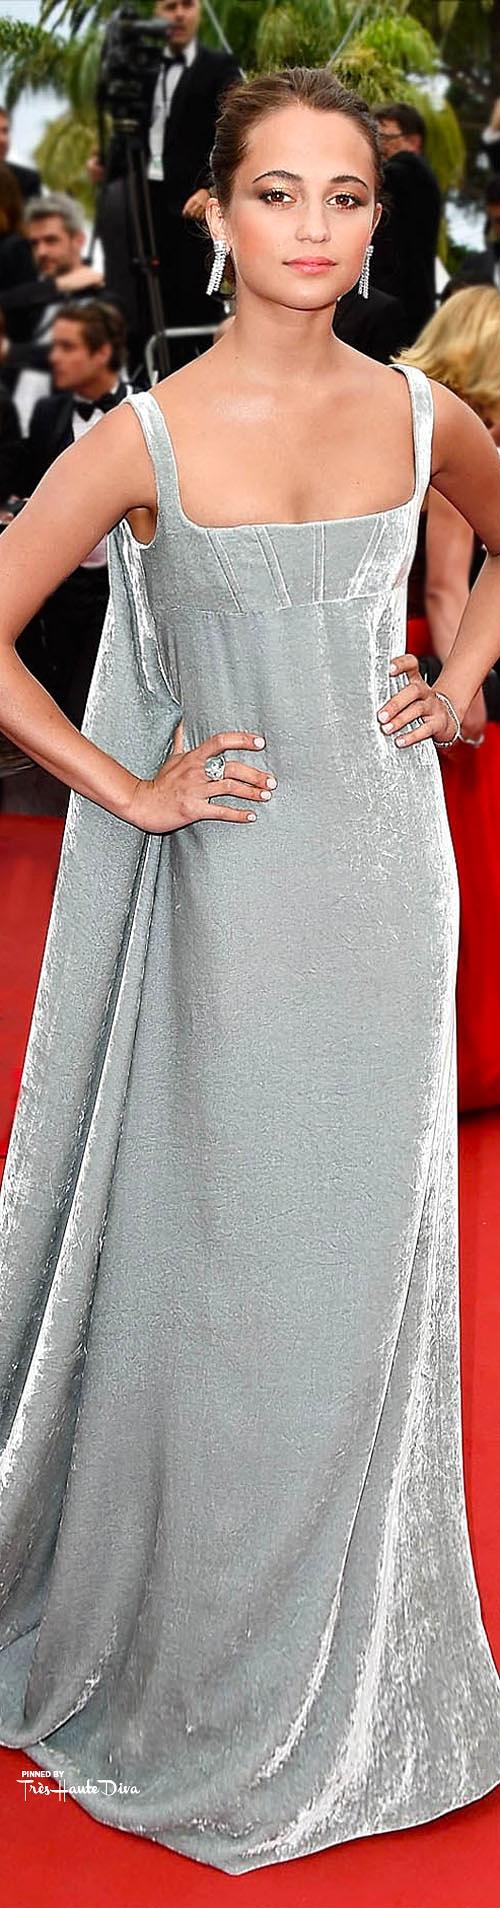 Alicia Vikander in Valentino Couture  vogue.uk.com/ Getty